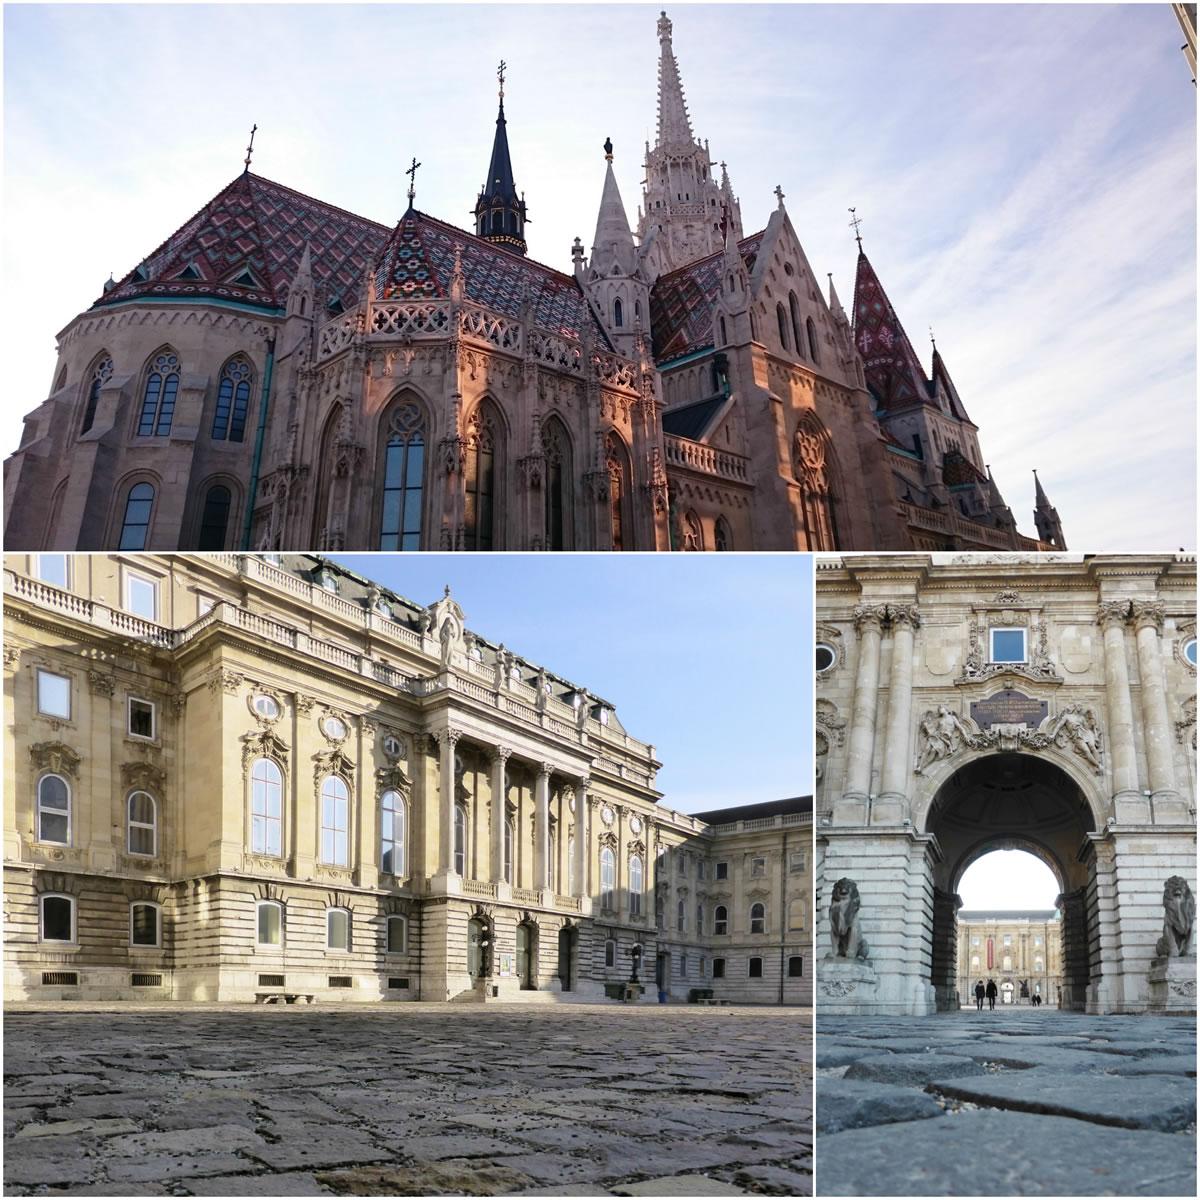 Buda-Budapest-CityGuide